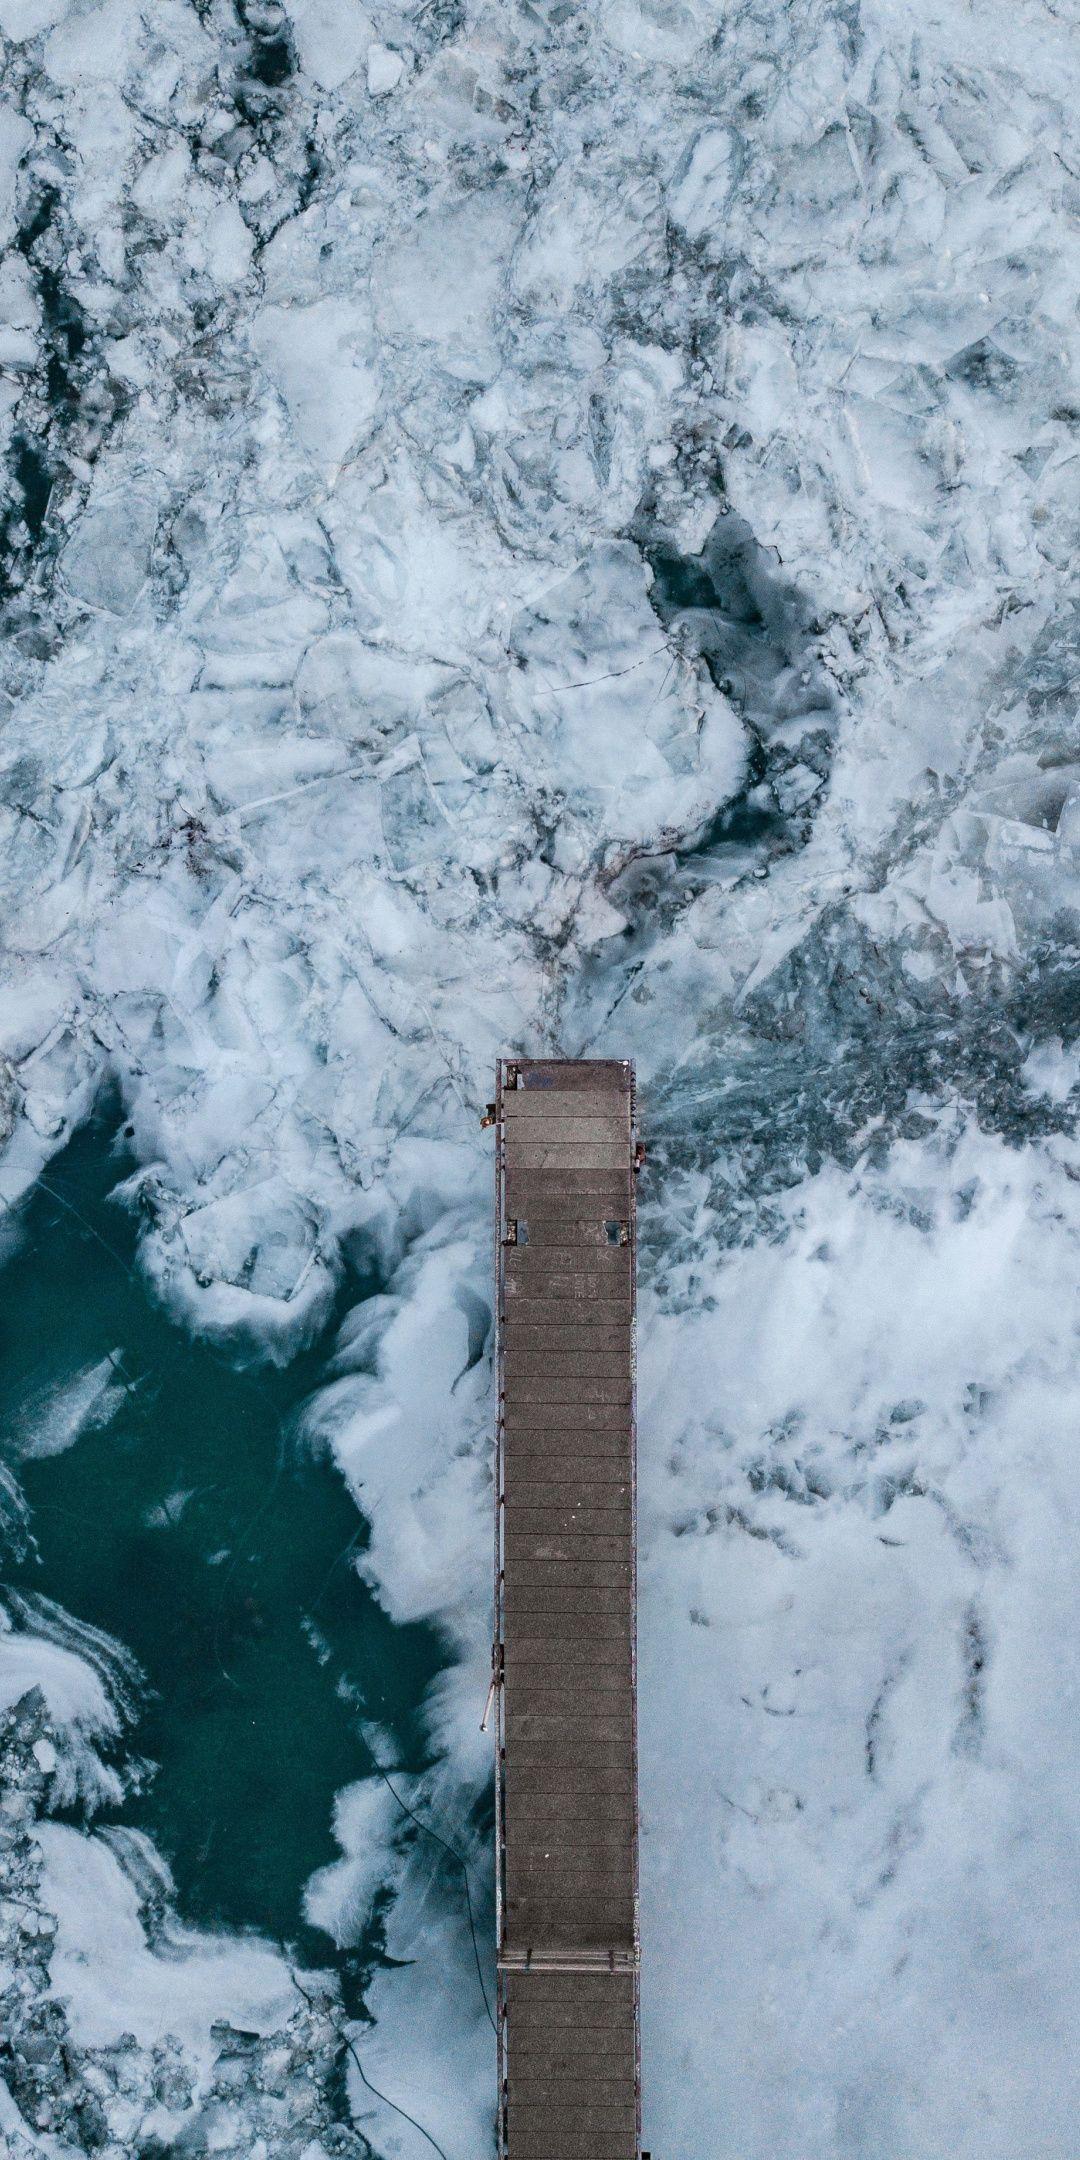 Frozen river, wooden dock, aerial view, 1080x2160